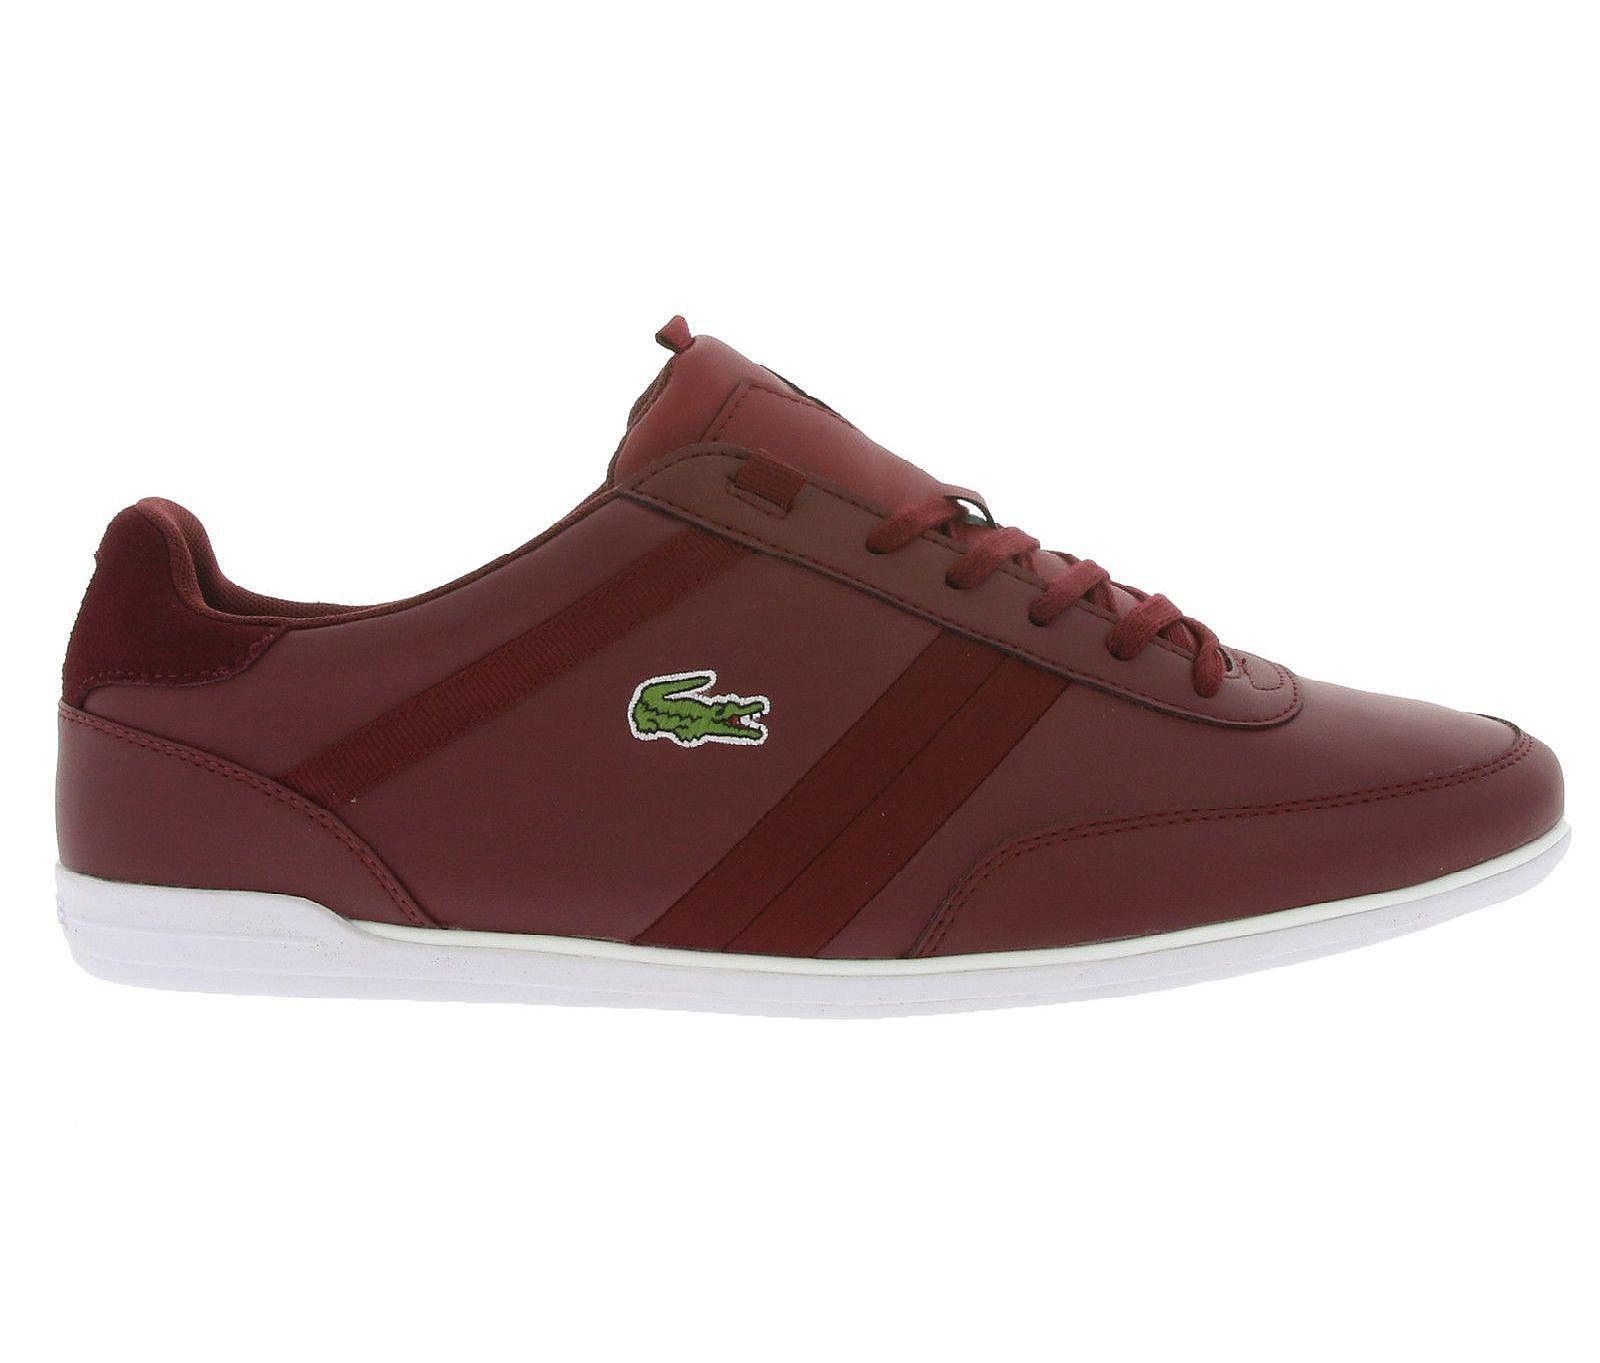 Buty Meskie Lacoste Giron 416 1 Bordo 40 47 Nowosc 6718730787 Oficjalne Archiwum Allegro Lacoste Dc Sneaker Shoes